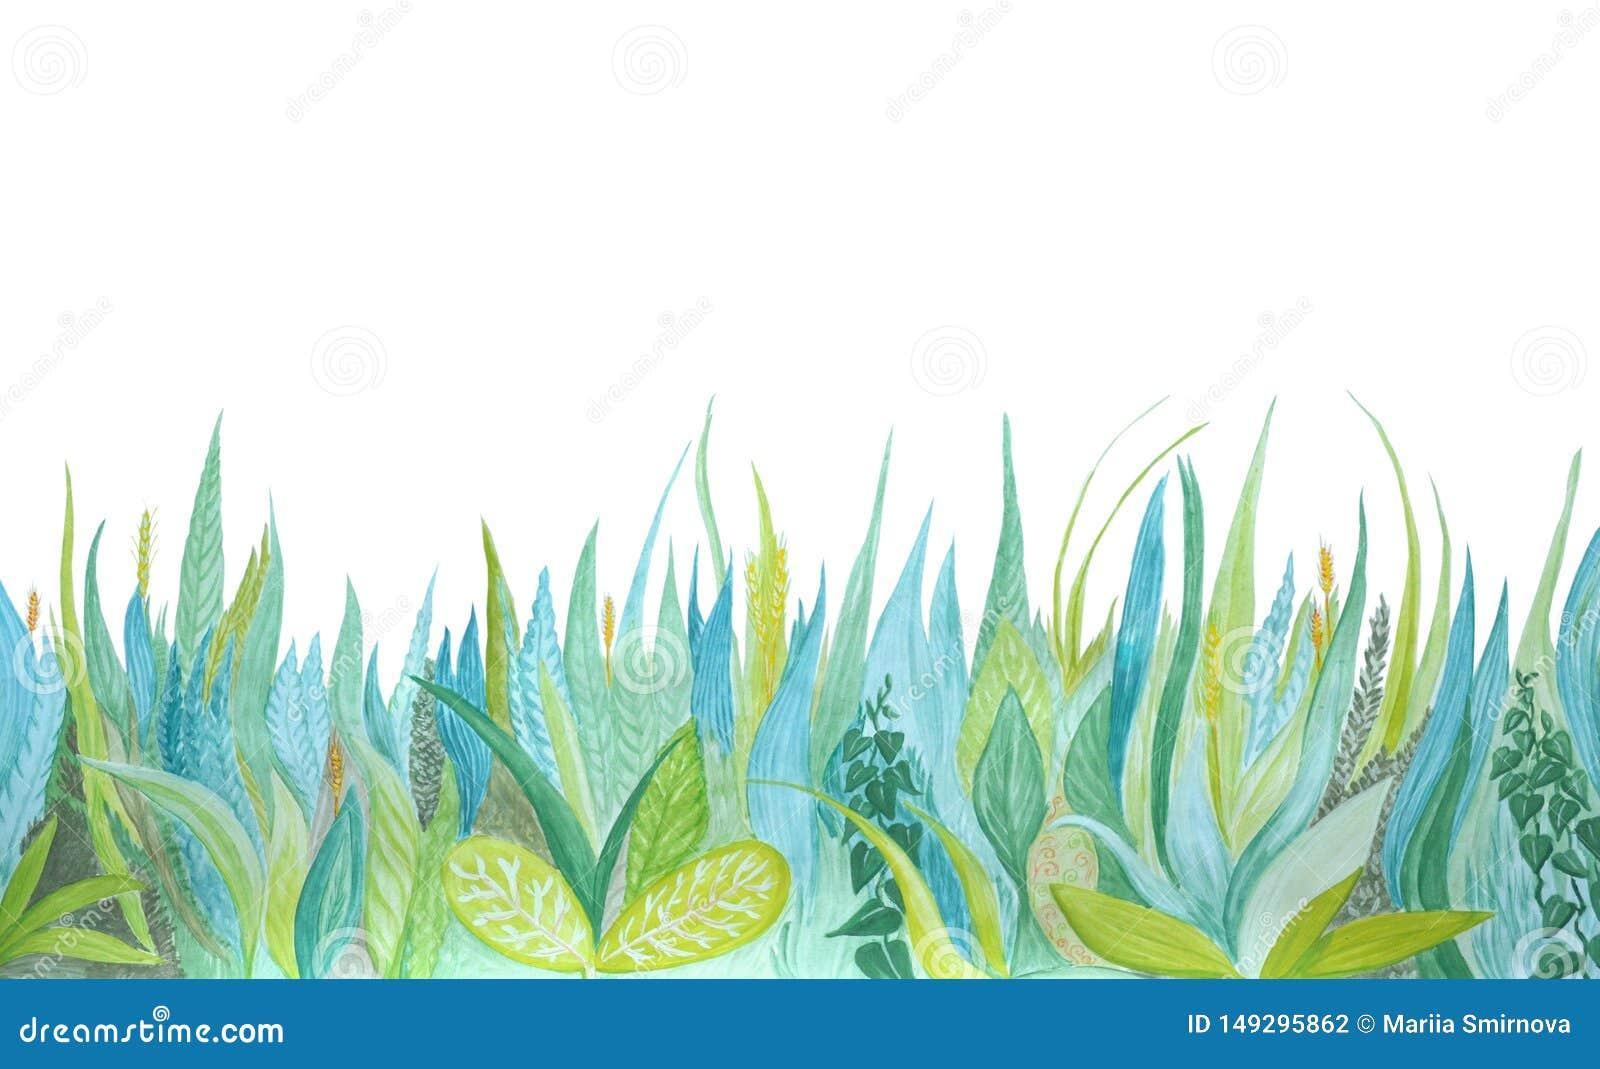 Иллюстрация вычерченной акварели руки ботаническая Голубая и зеленая трава